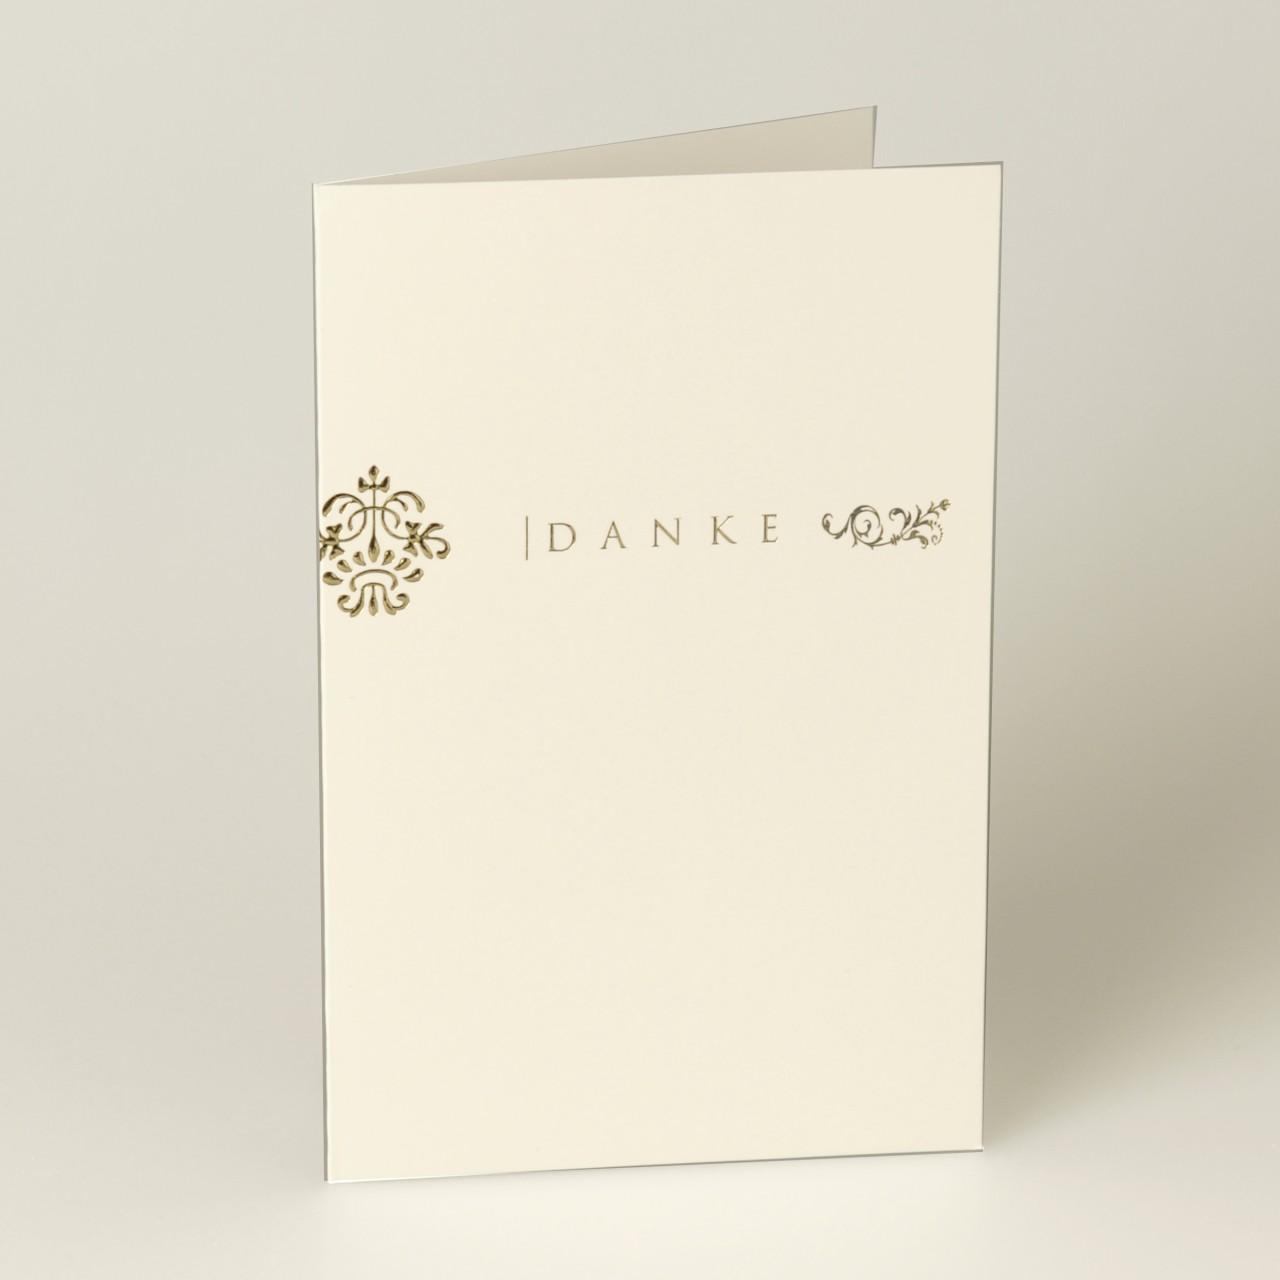 Dankkarte - D 0216